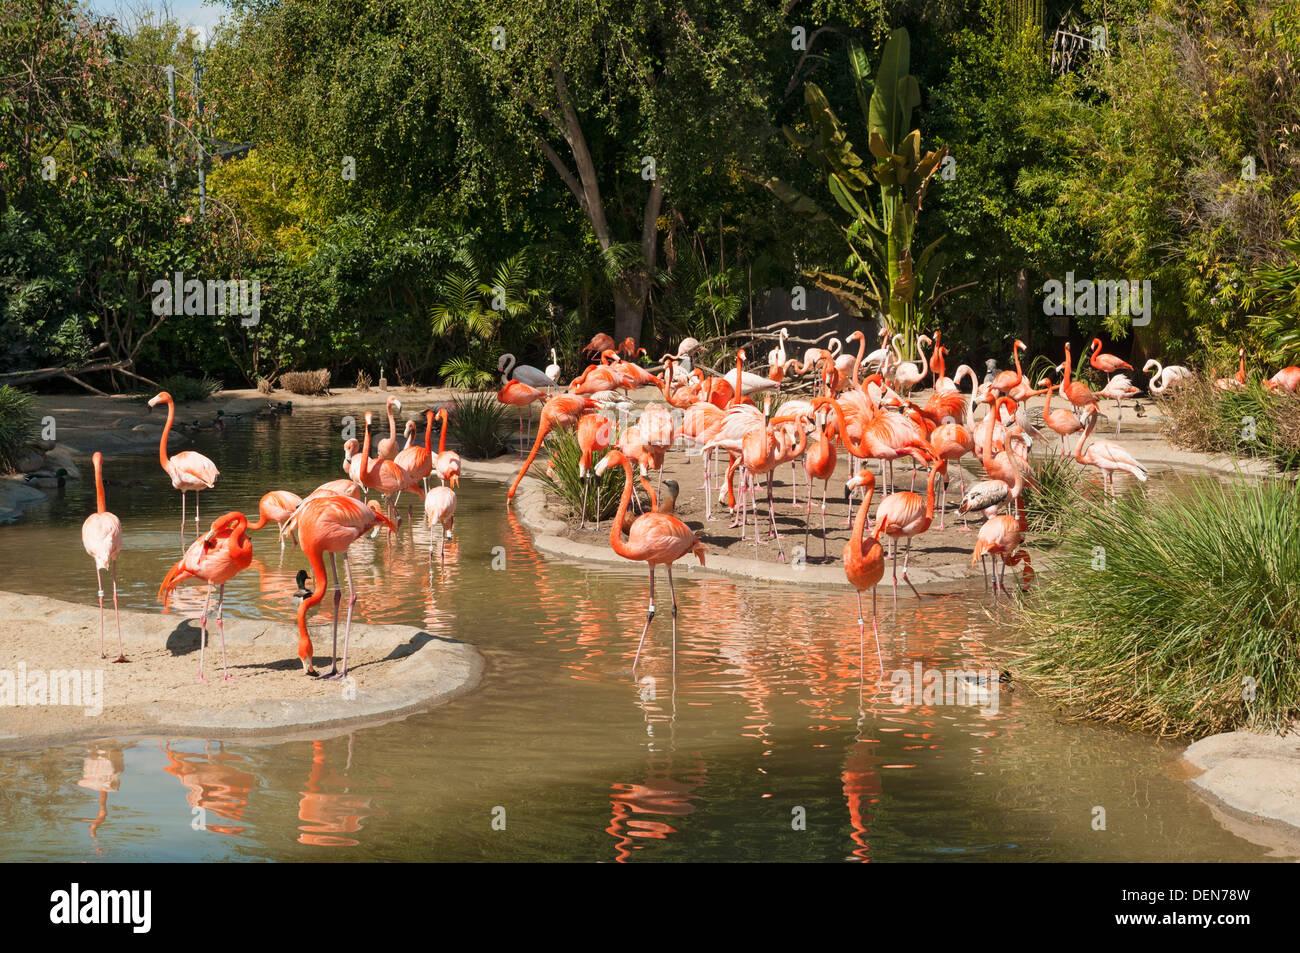 San Diego Zoo Stock Photos & San Diego Zoo Stock Images - Alamy